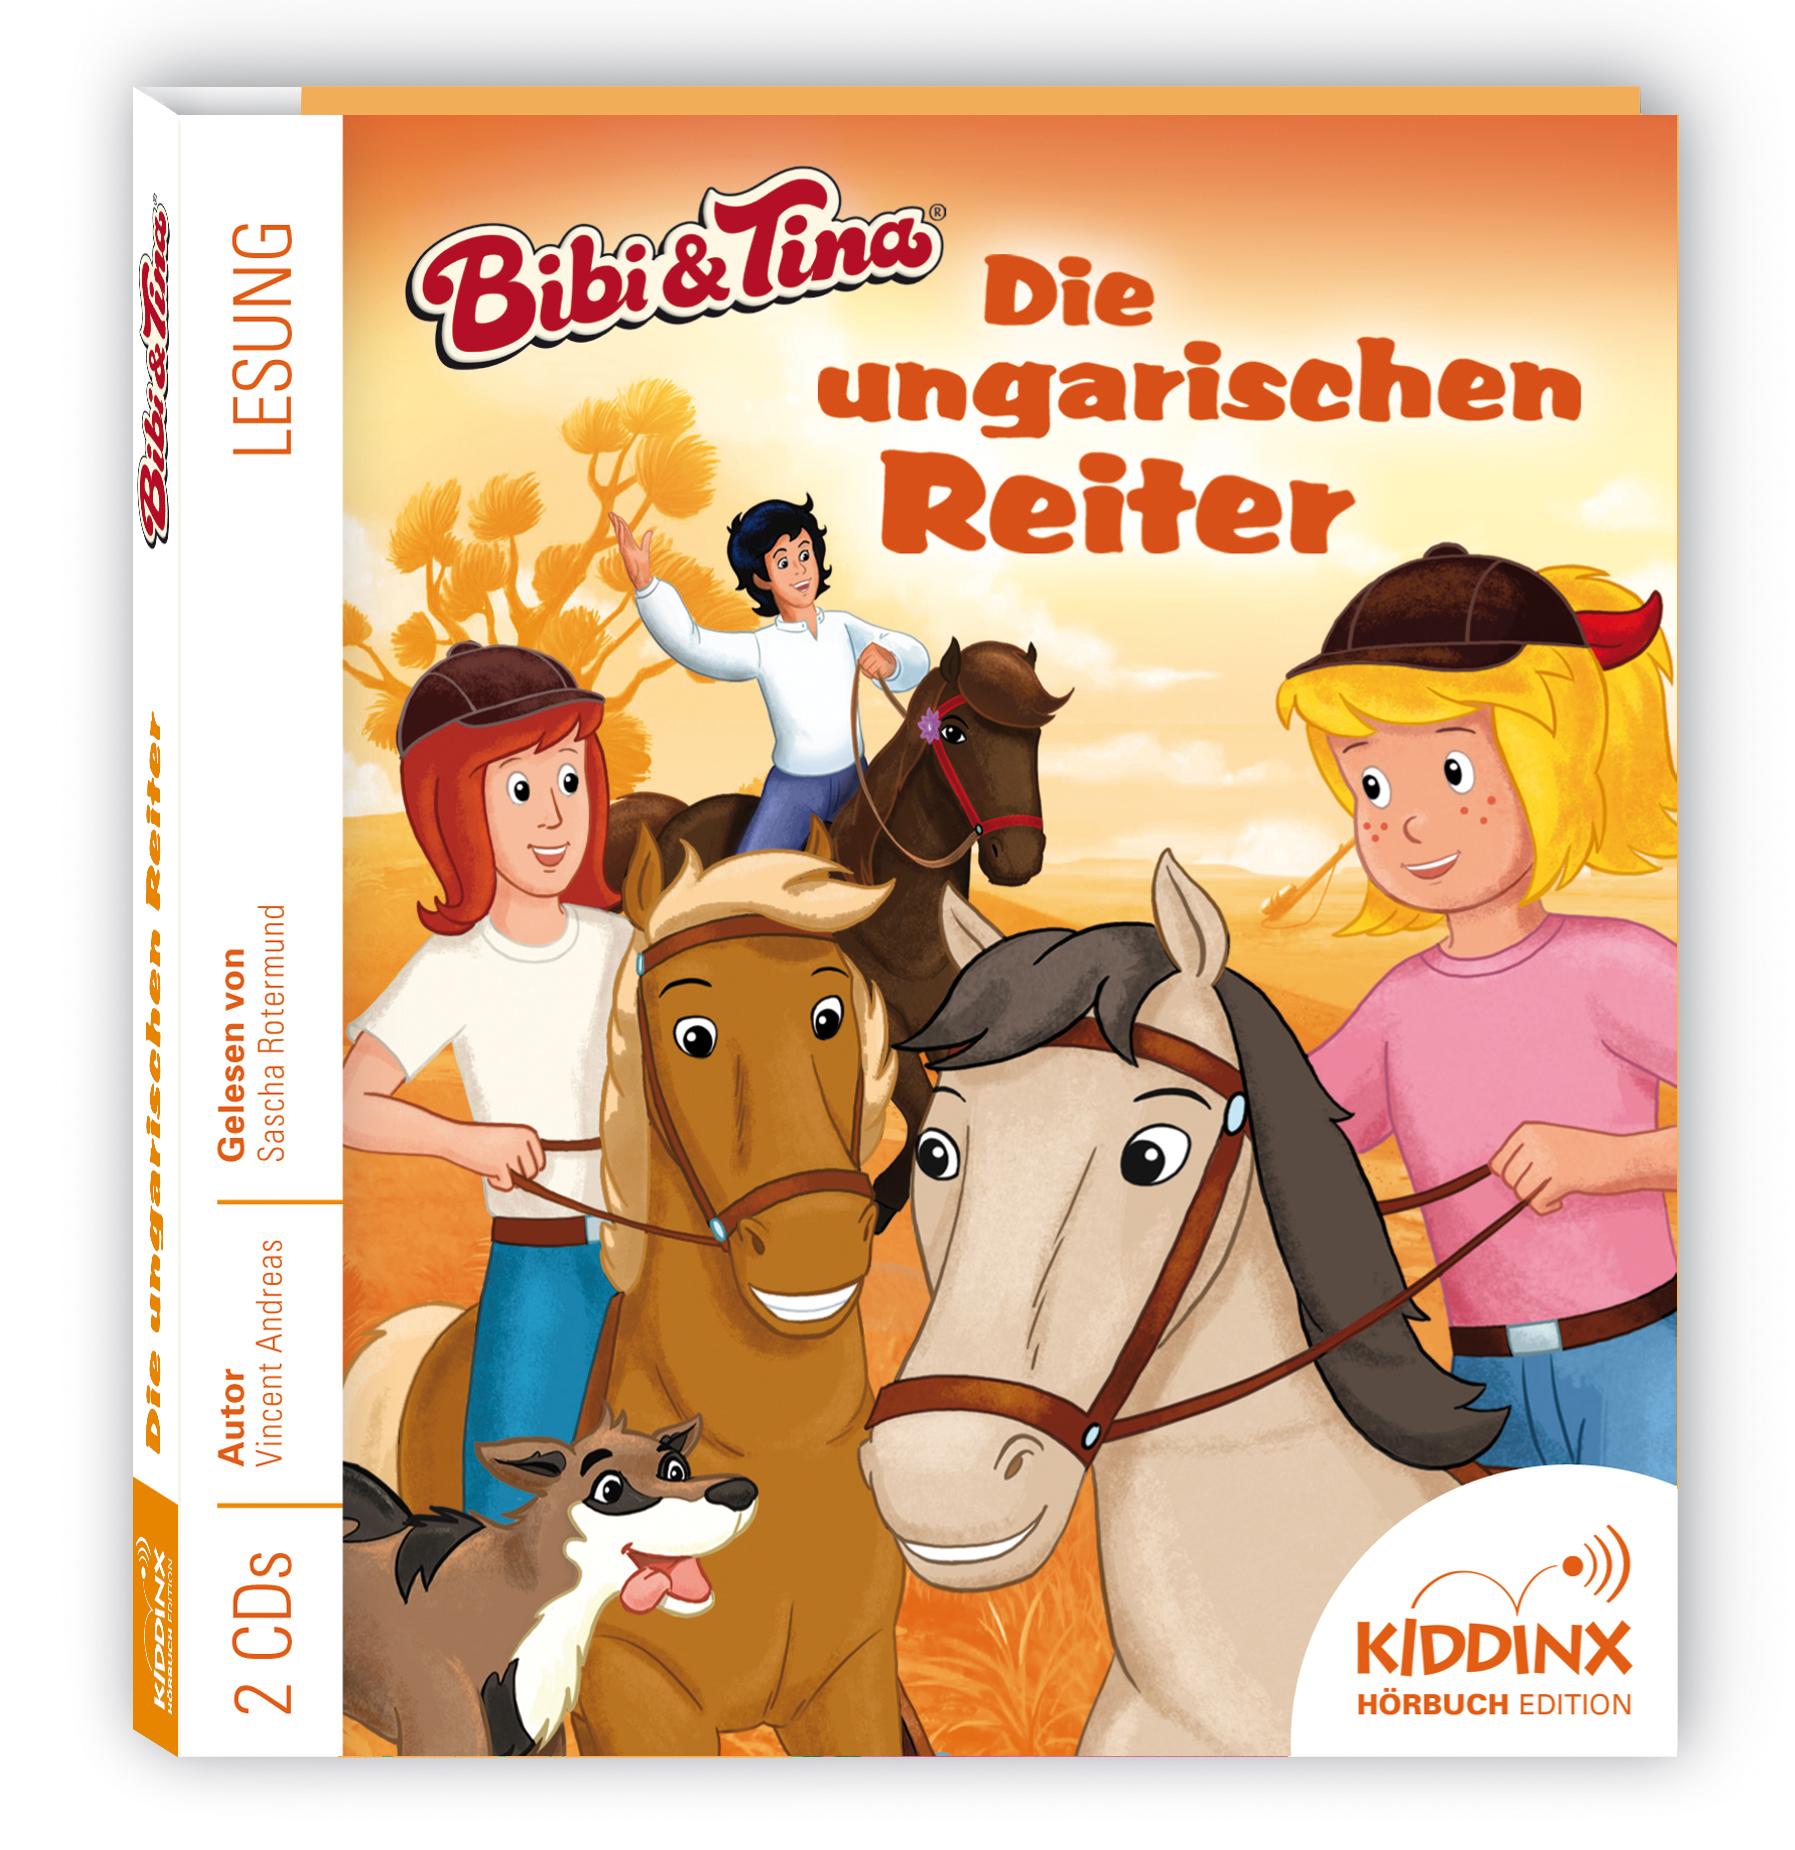 Bibi & Tina Hörbuch: Die ungarischen Reiter